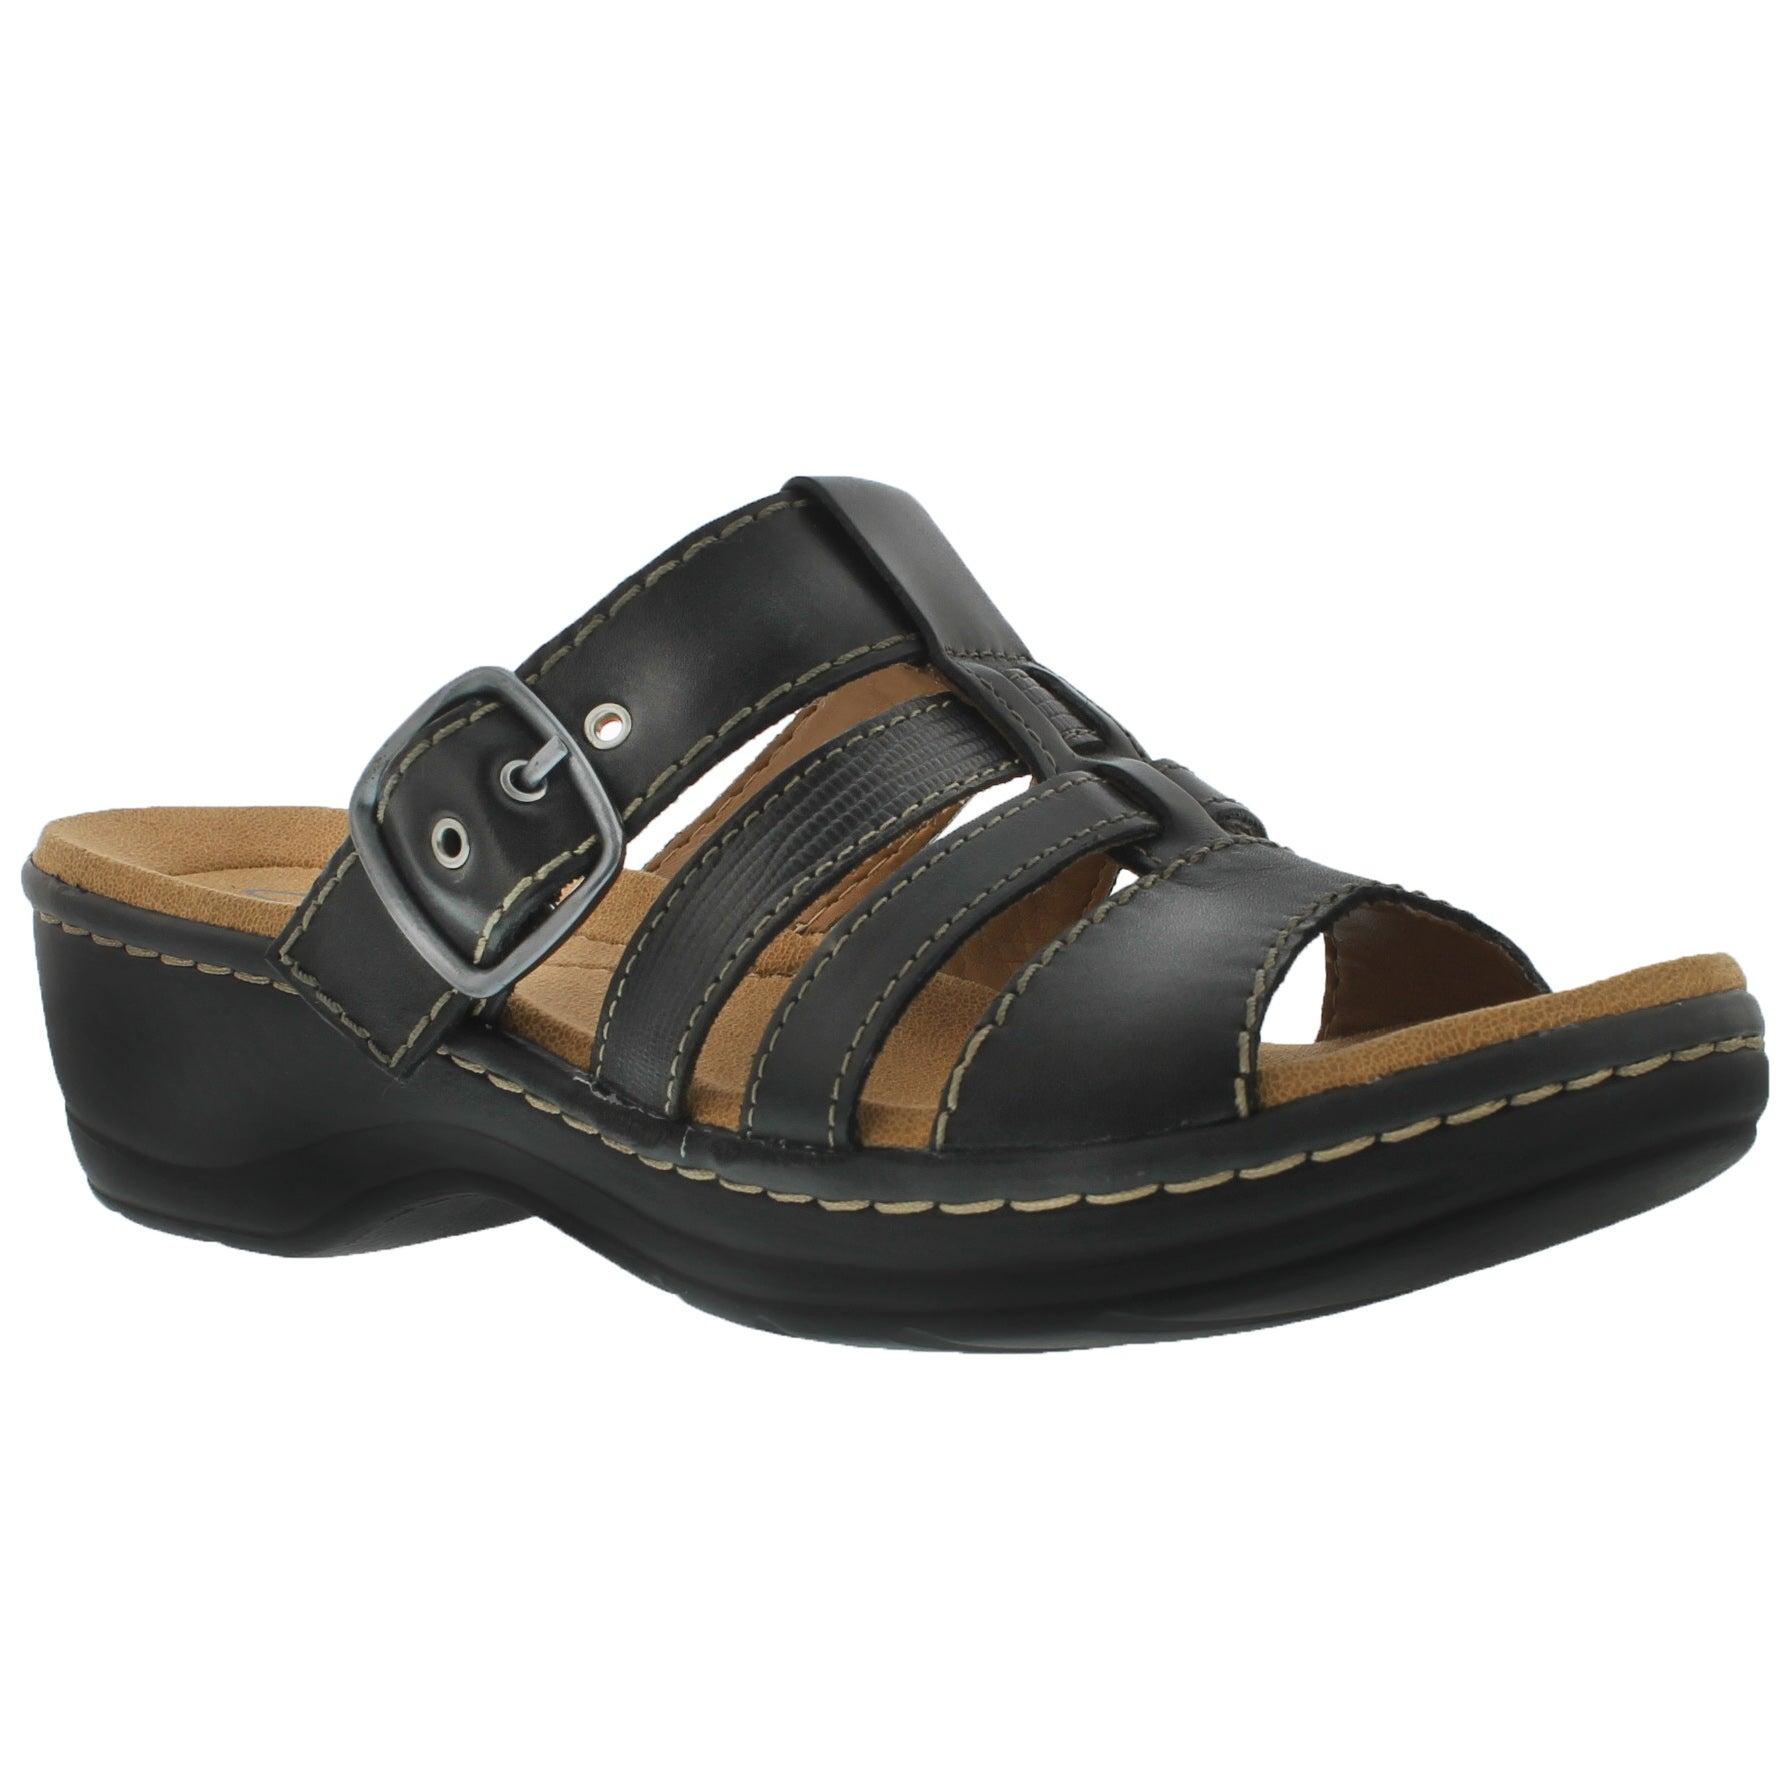 Sandales décon. Cavern, noir, fem